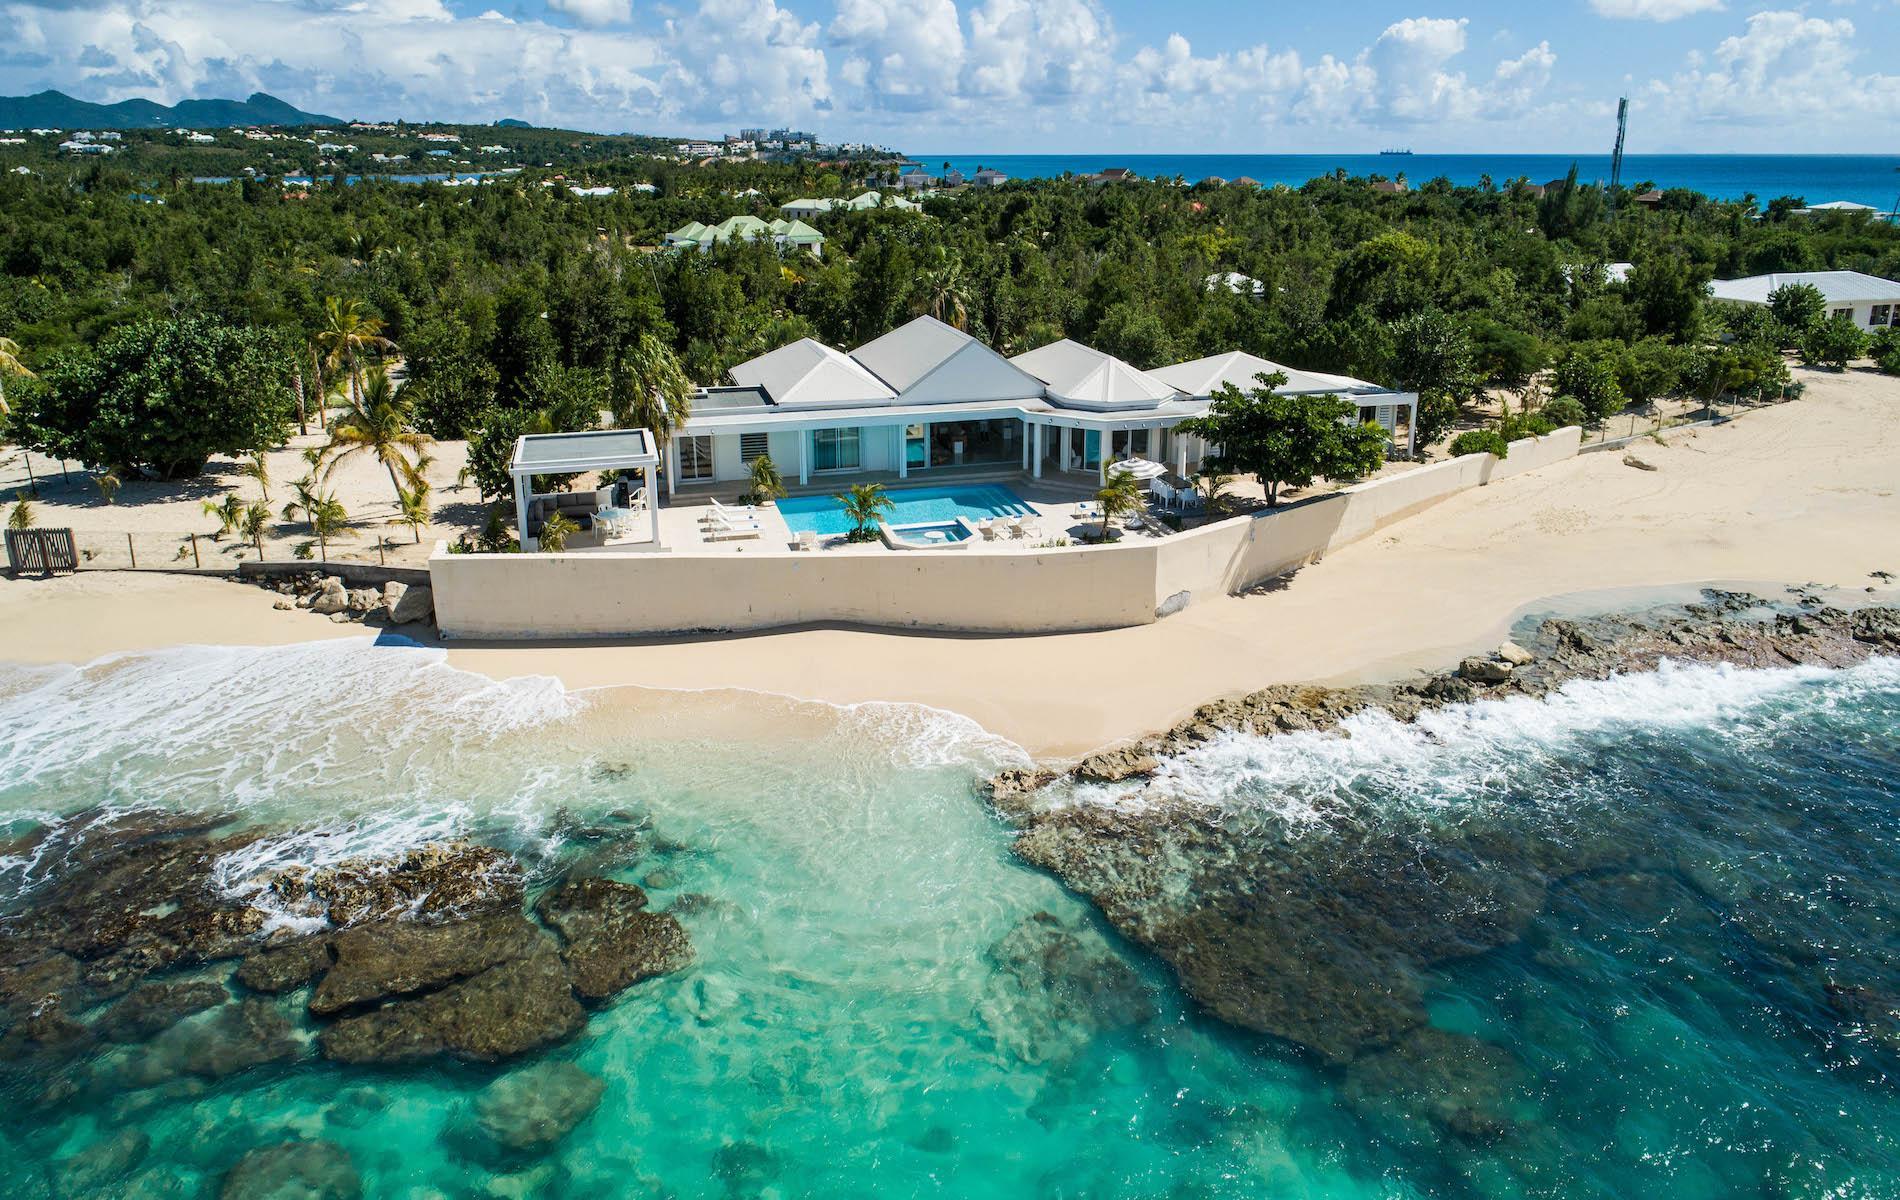 St Maarten beach villa